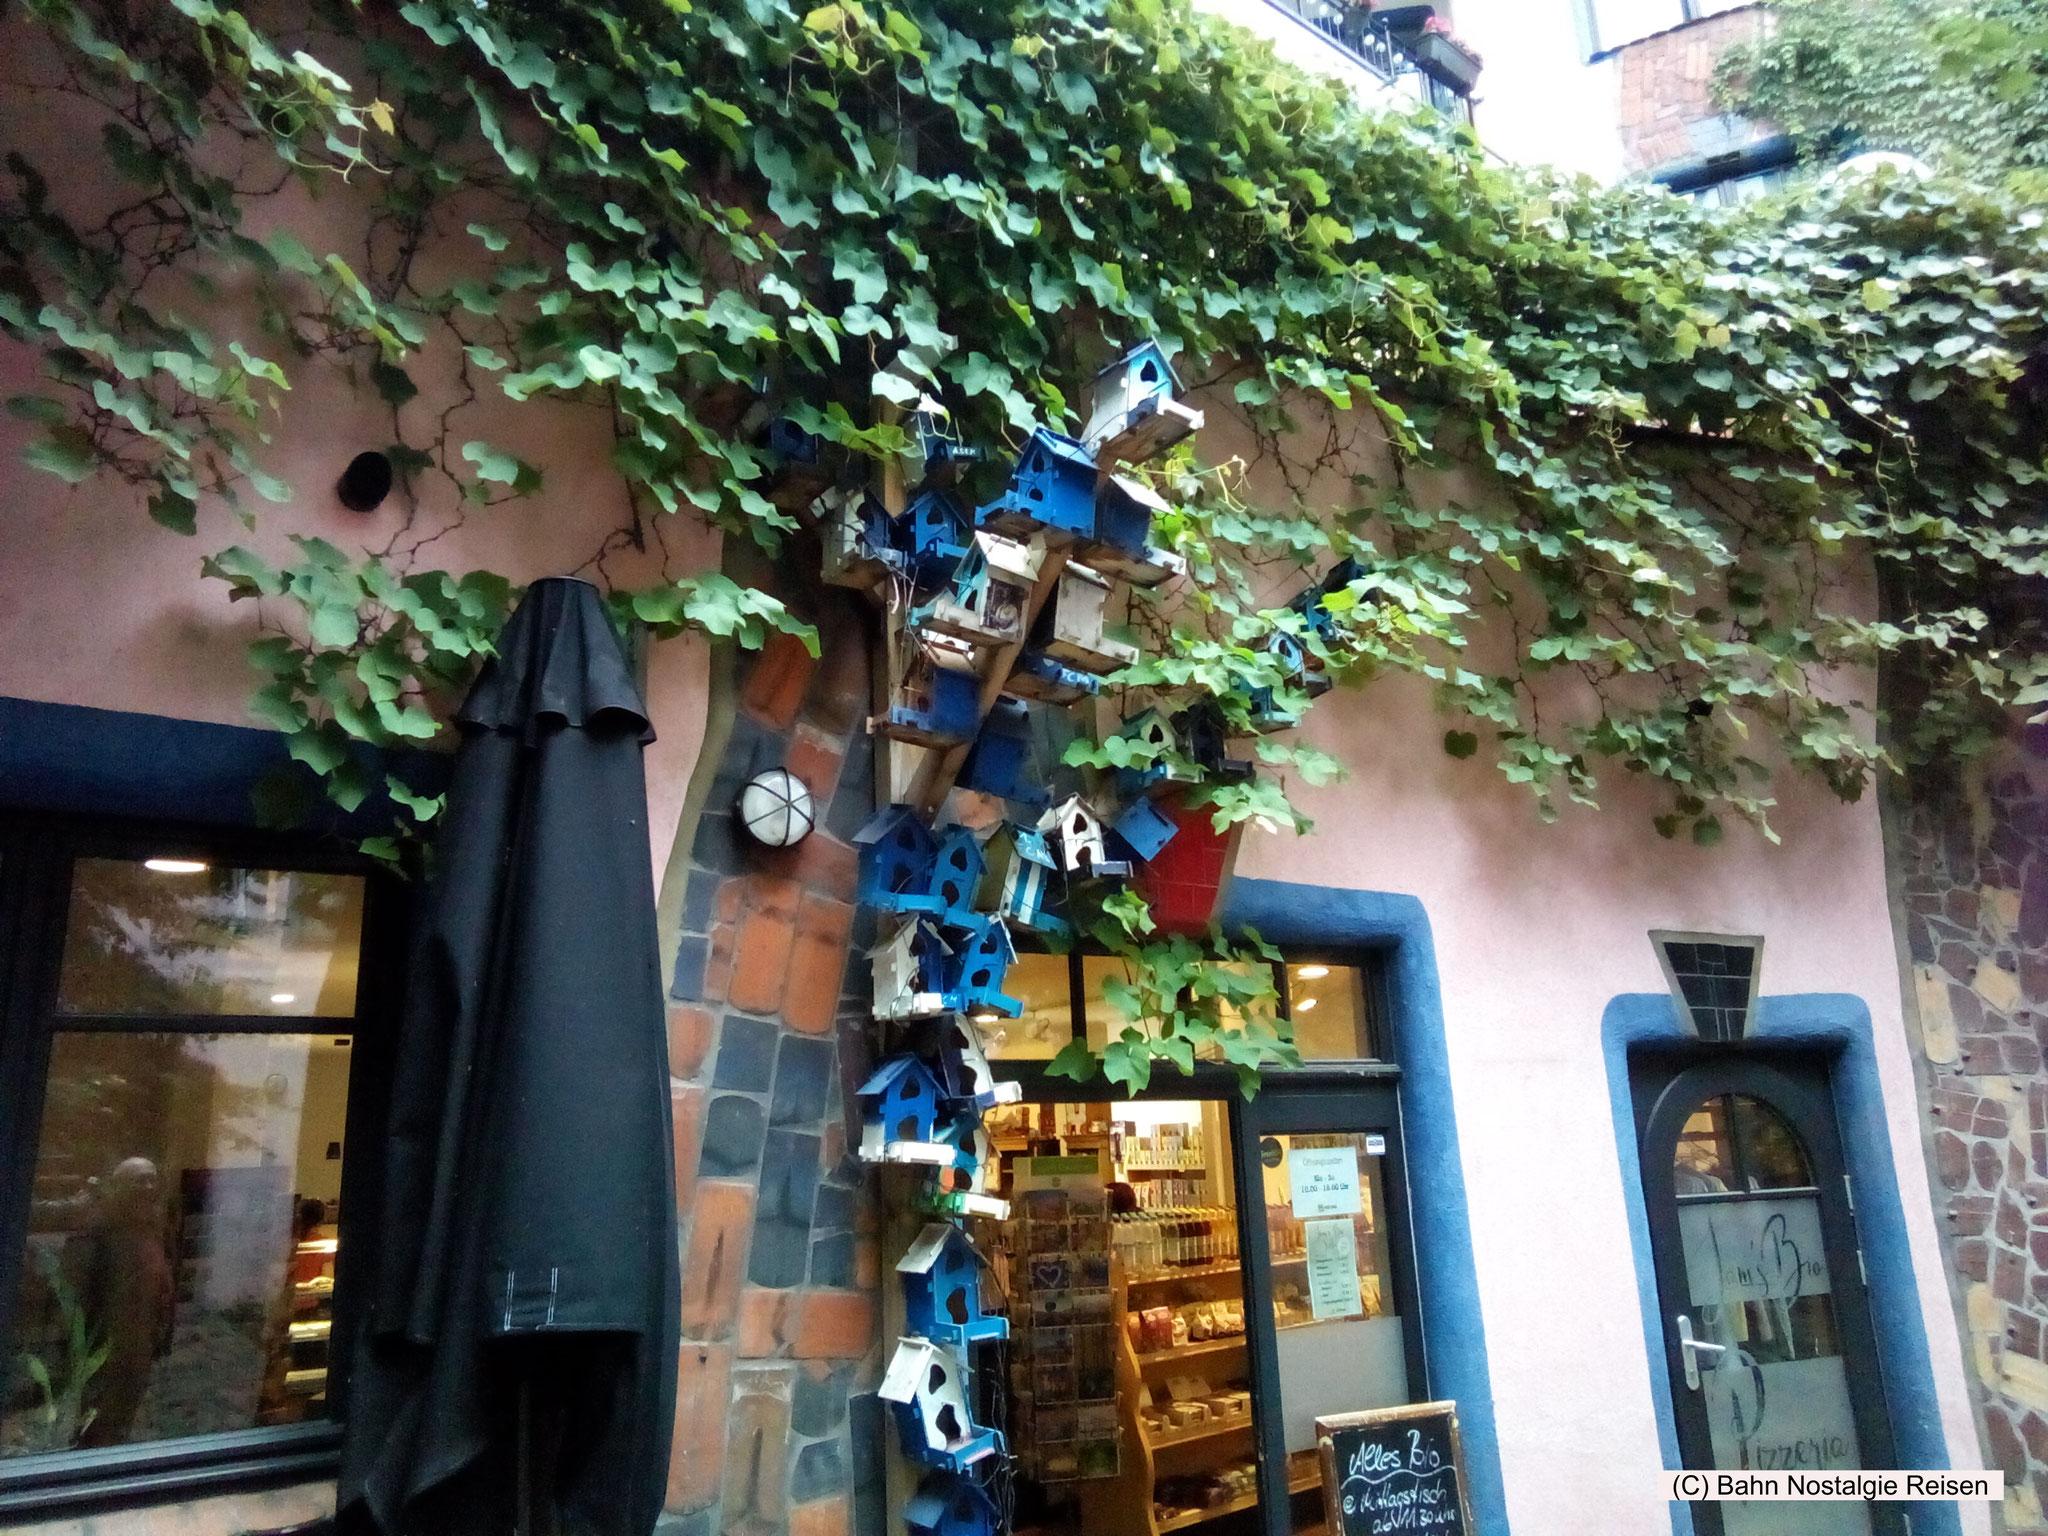 Das Magdeburger Hundertwasserhaus (Grüne Zitadelle), der letzte Bau von Herrn Hundertwasser